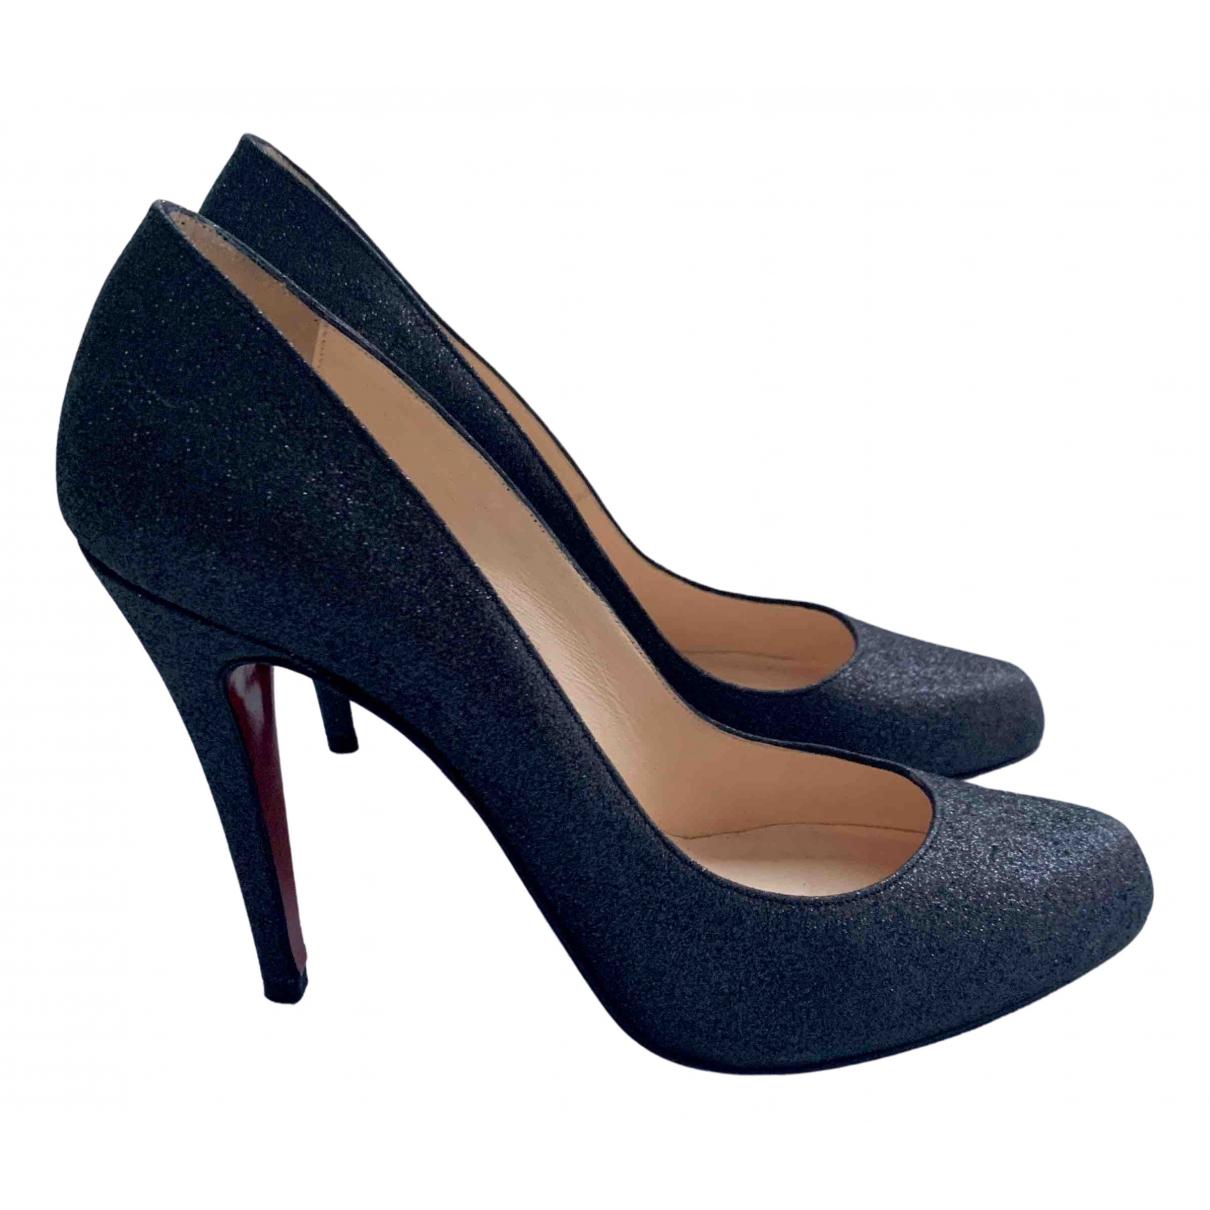 Christian Louboutin Bianca Black Glitter Heels for Women 39.5 EU